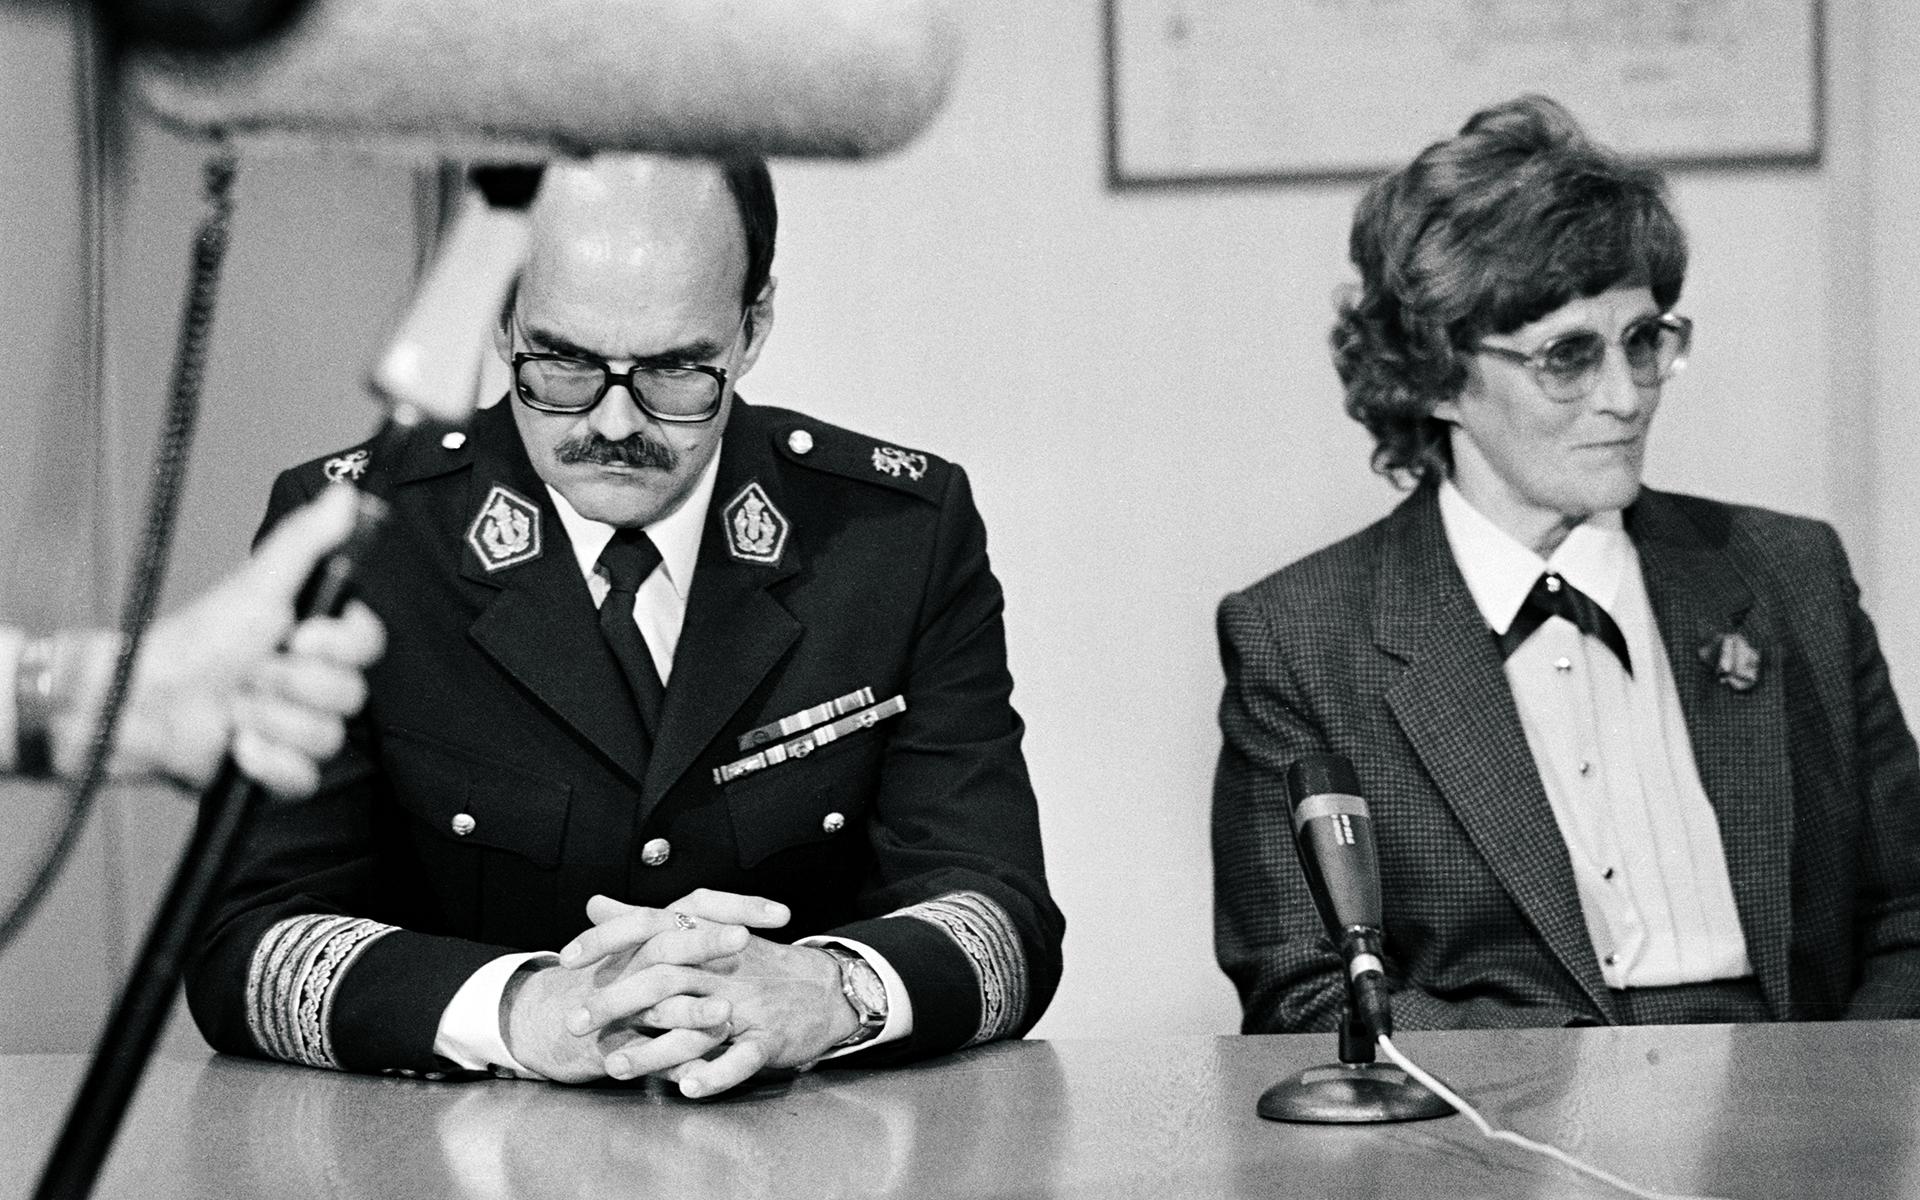 Lentokonekaappaus Oulussa vuonna 1986